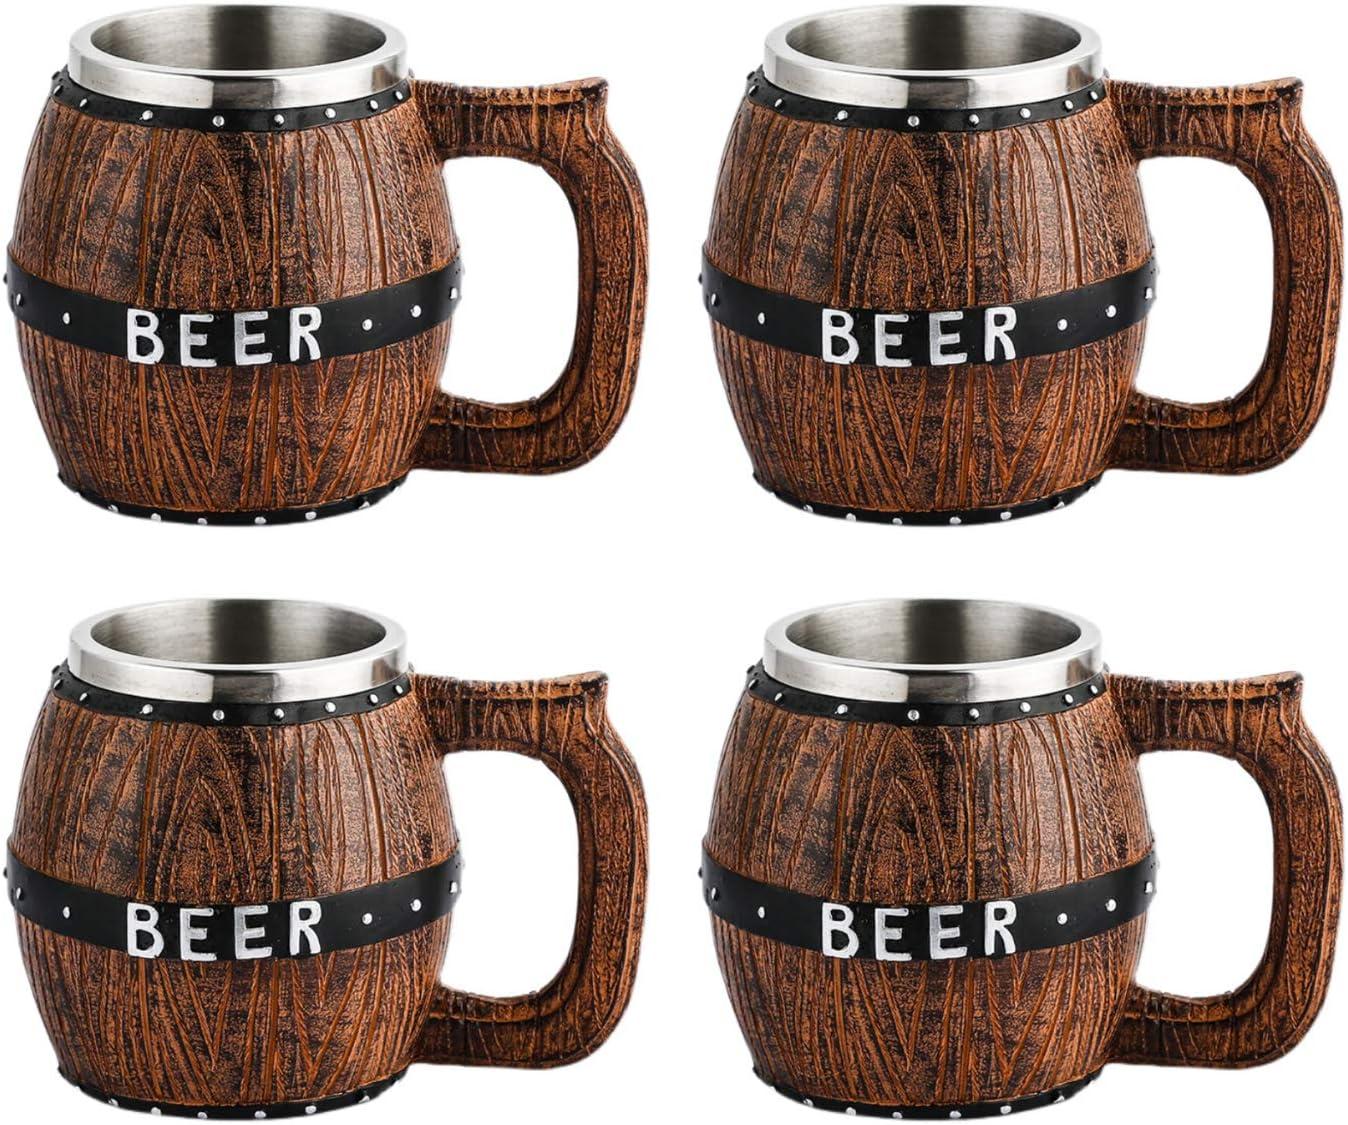 Copas de vino,Taza de cerveza Camping Copa de vino copas de cerveza copa cerveza copa acero inoxidable Jarra de cerveza de barril de madera con revestimiento y asa de acero inoxidable gran capacidad